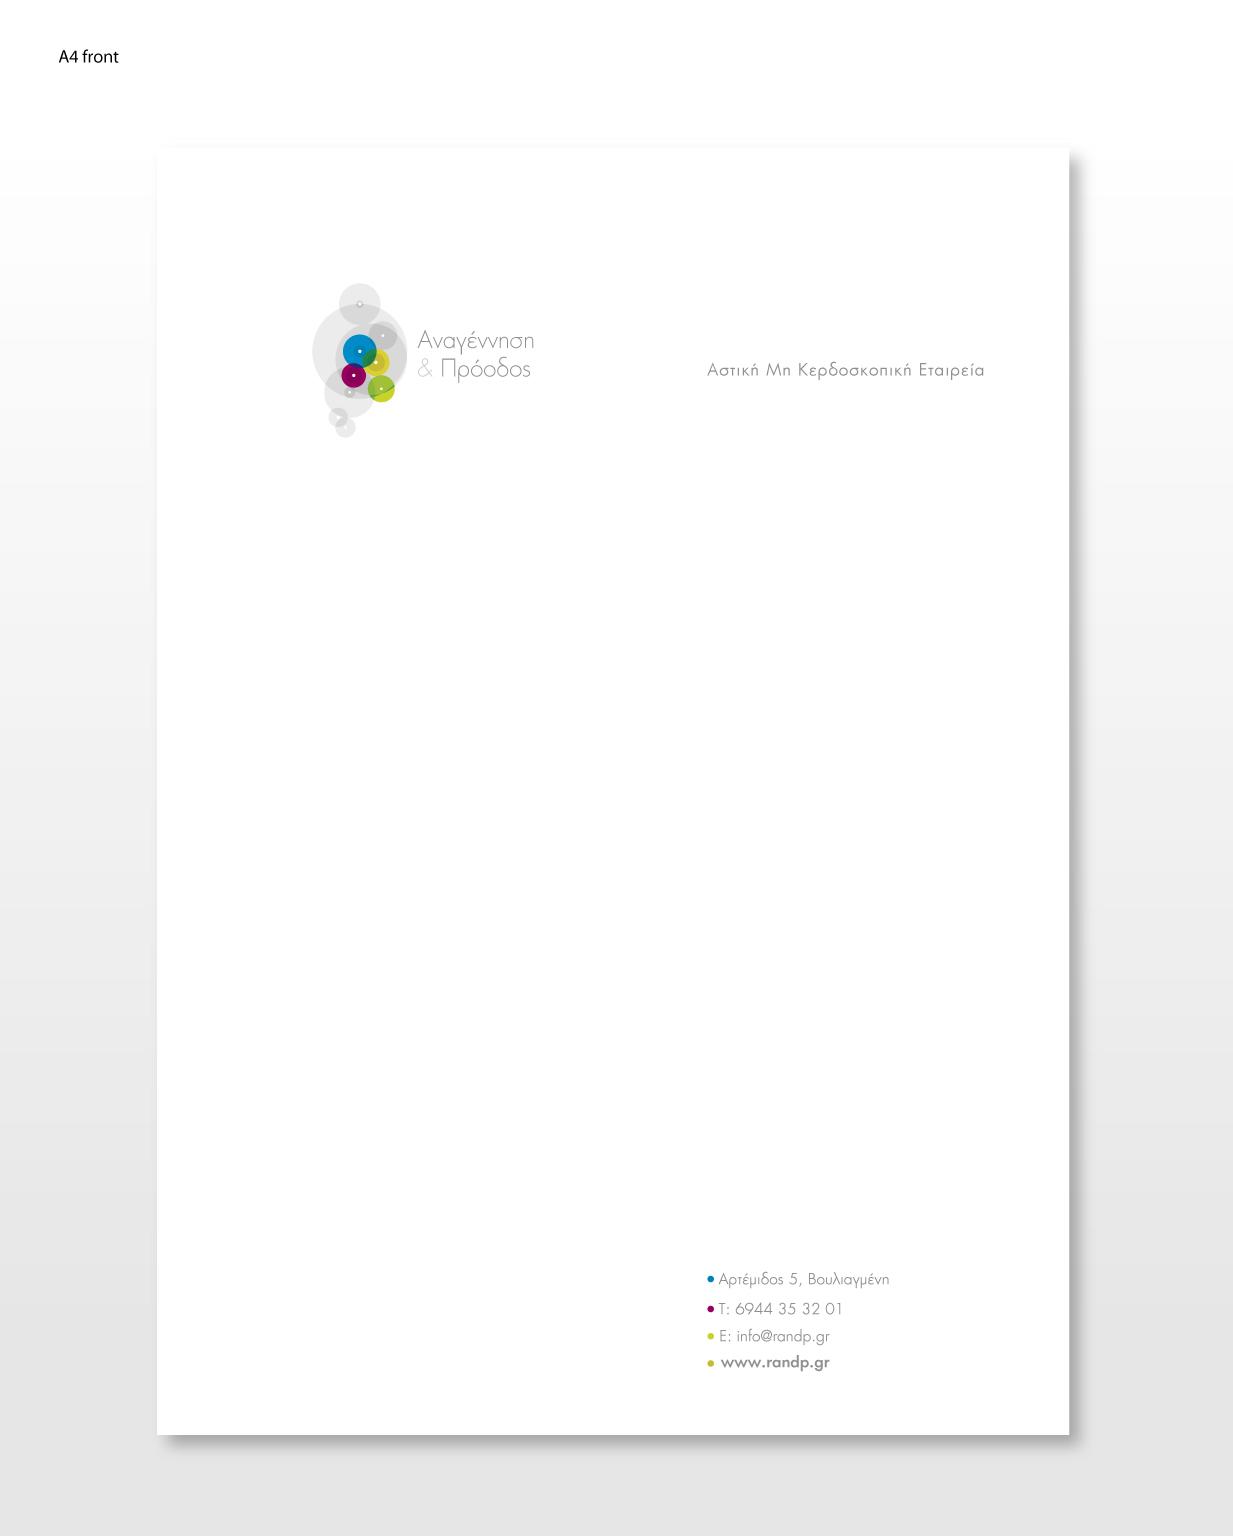 A3-DESIGN-ANAGENNISI-LETTER